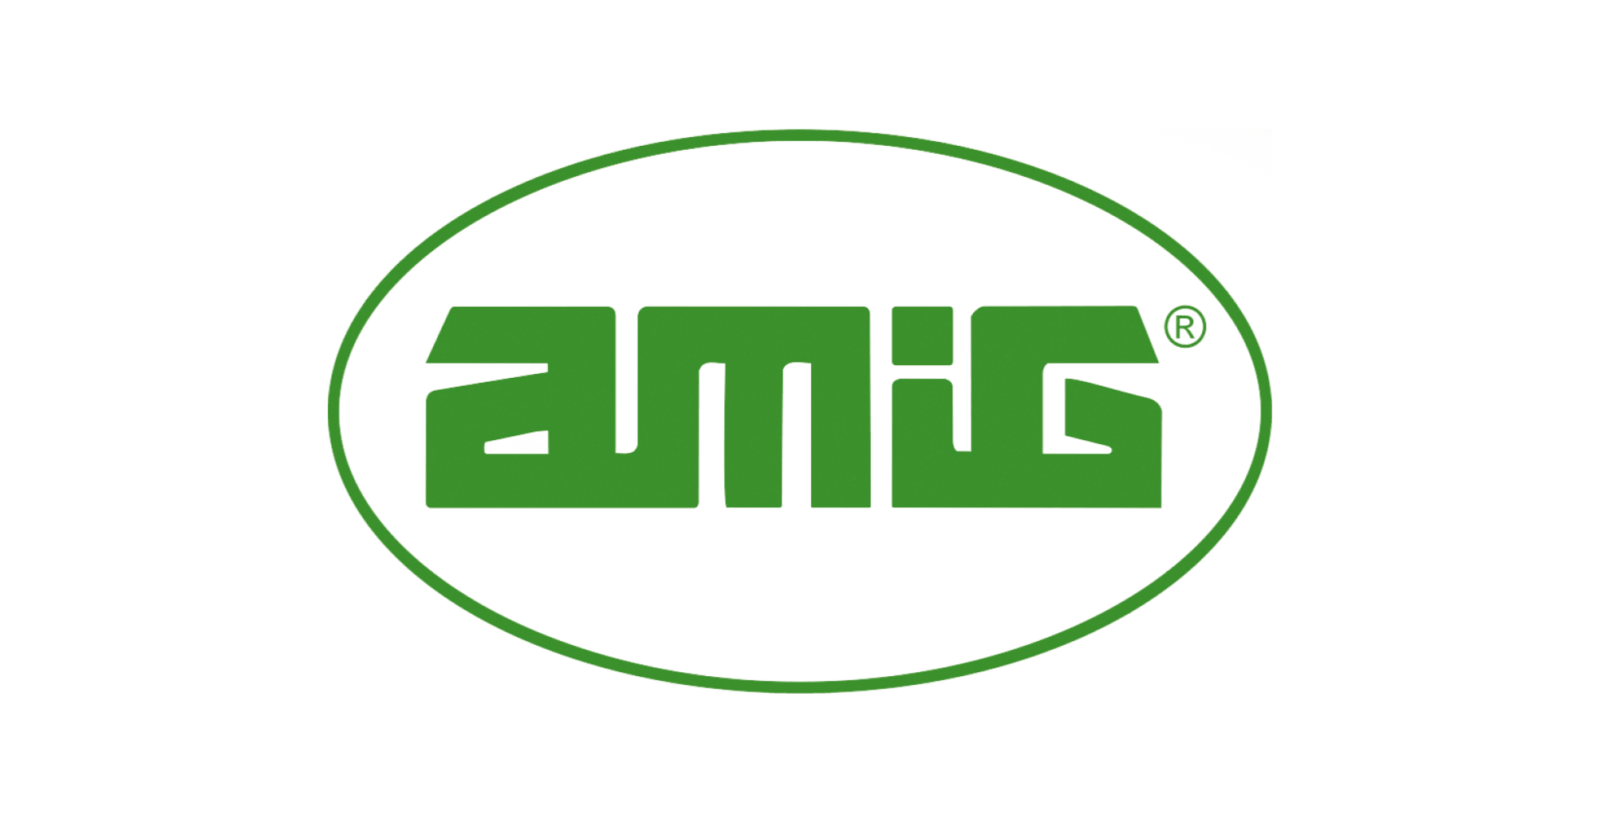 Уголок, нержавеющая сталь, система перегородок (20/120)